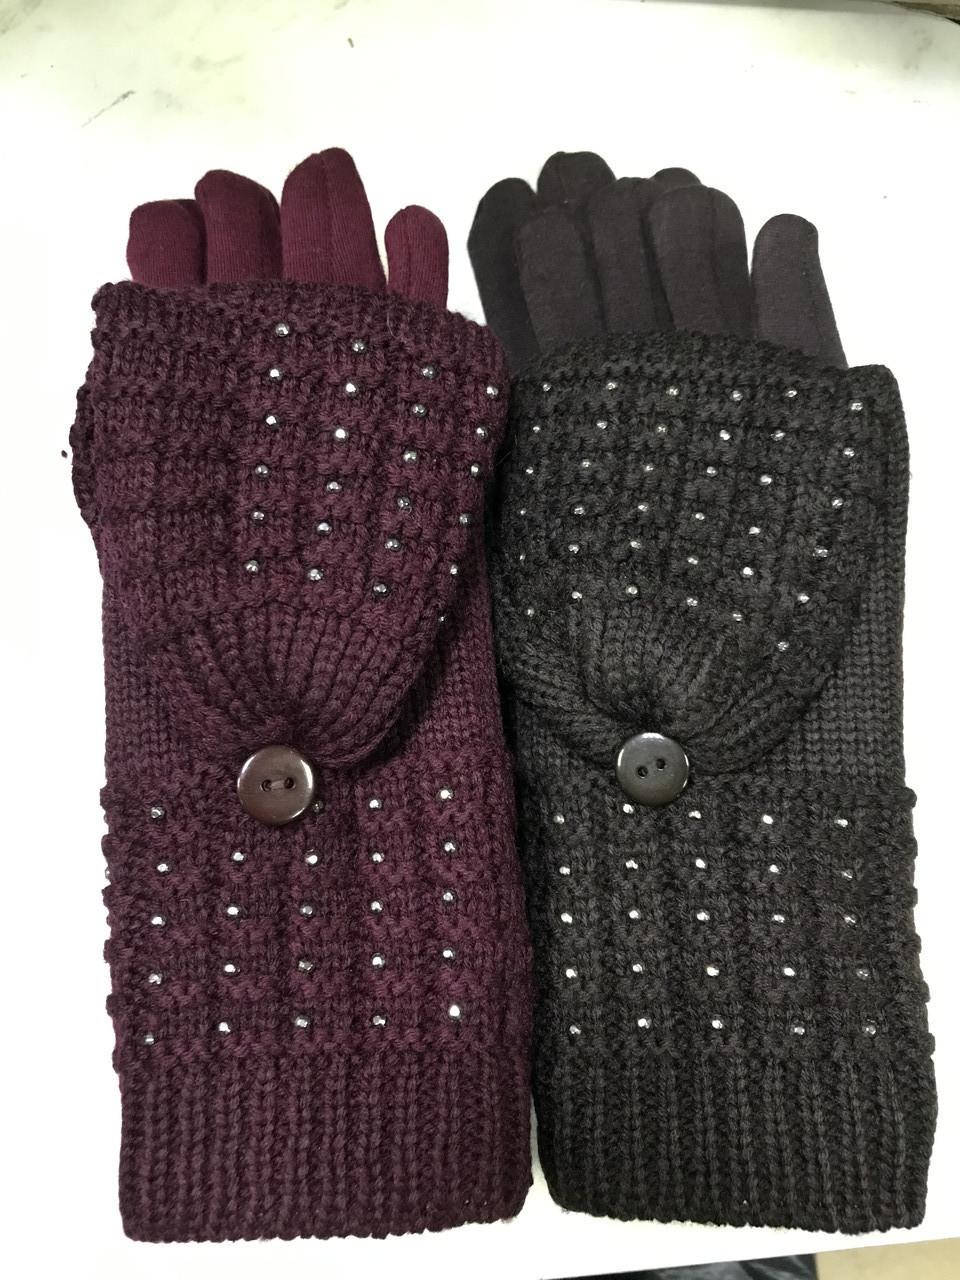 Жіночі комплекти рукавичка+рукавиця сенсор колір чорні коричневий і бежевий